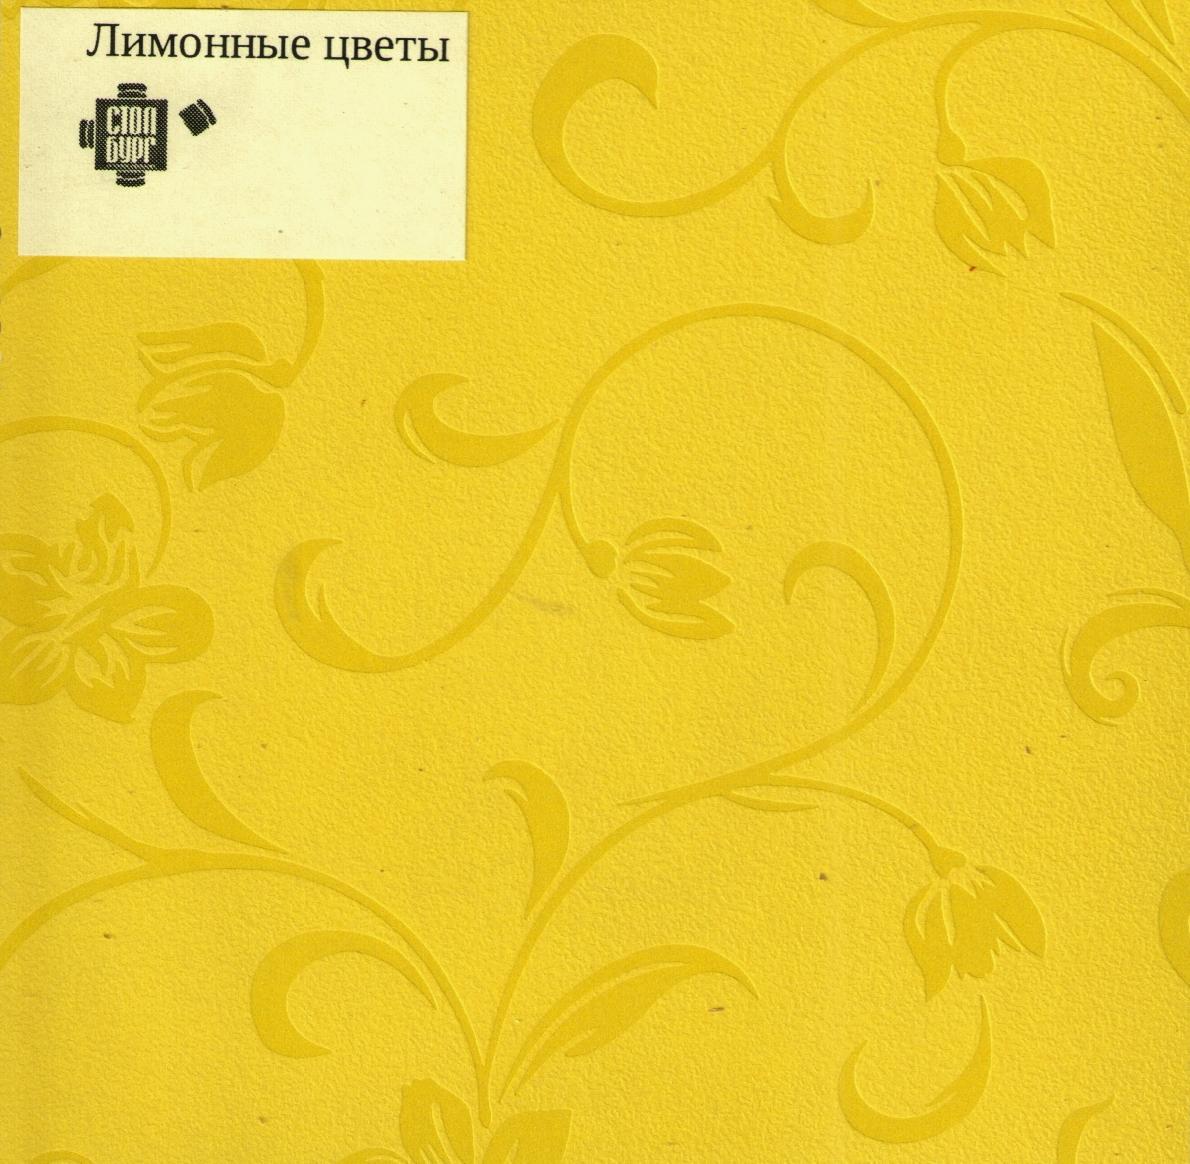 Лимонные цветы